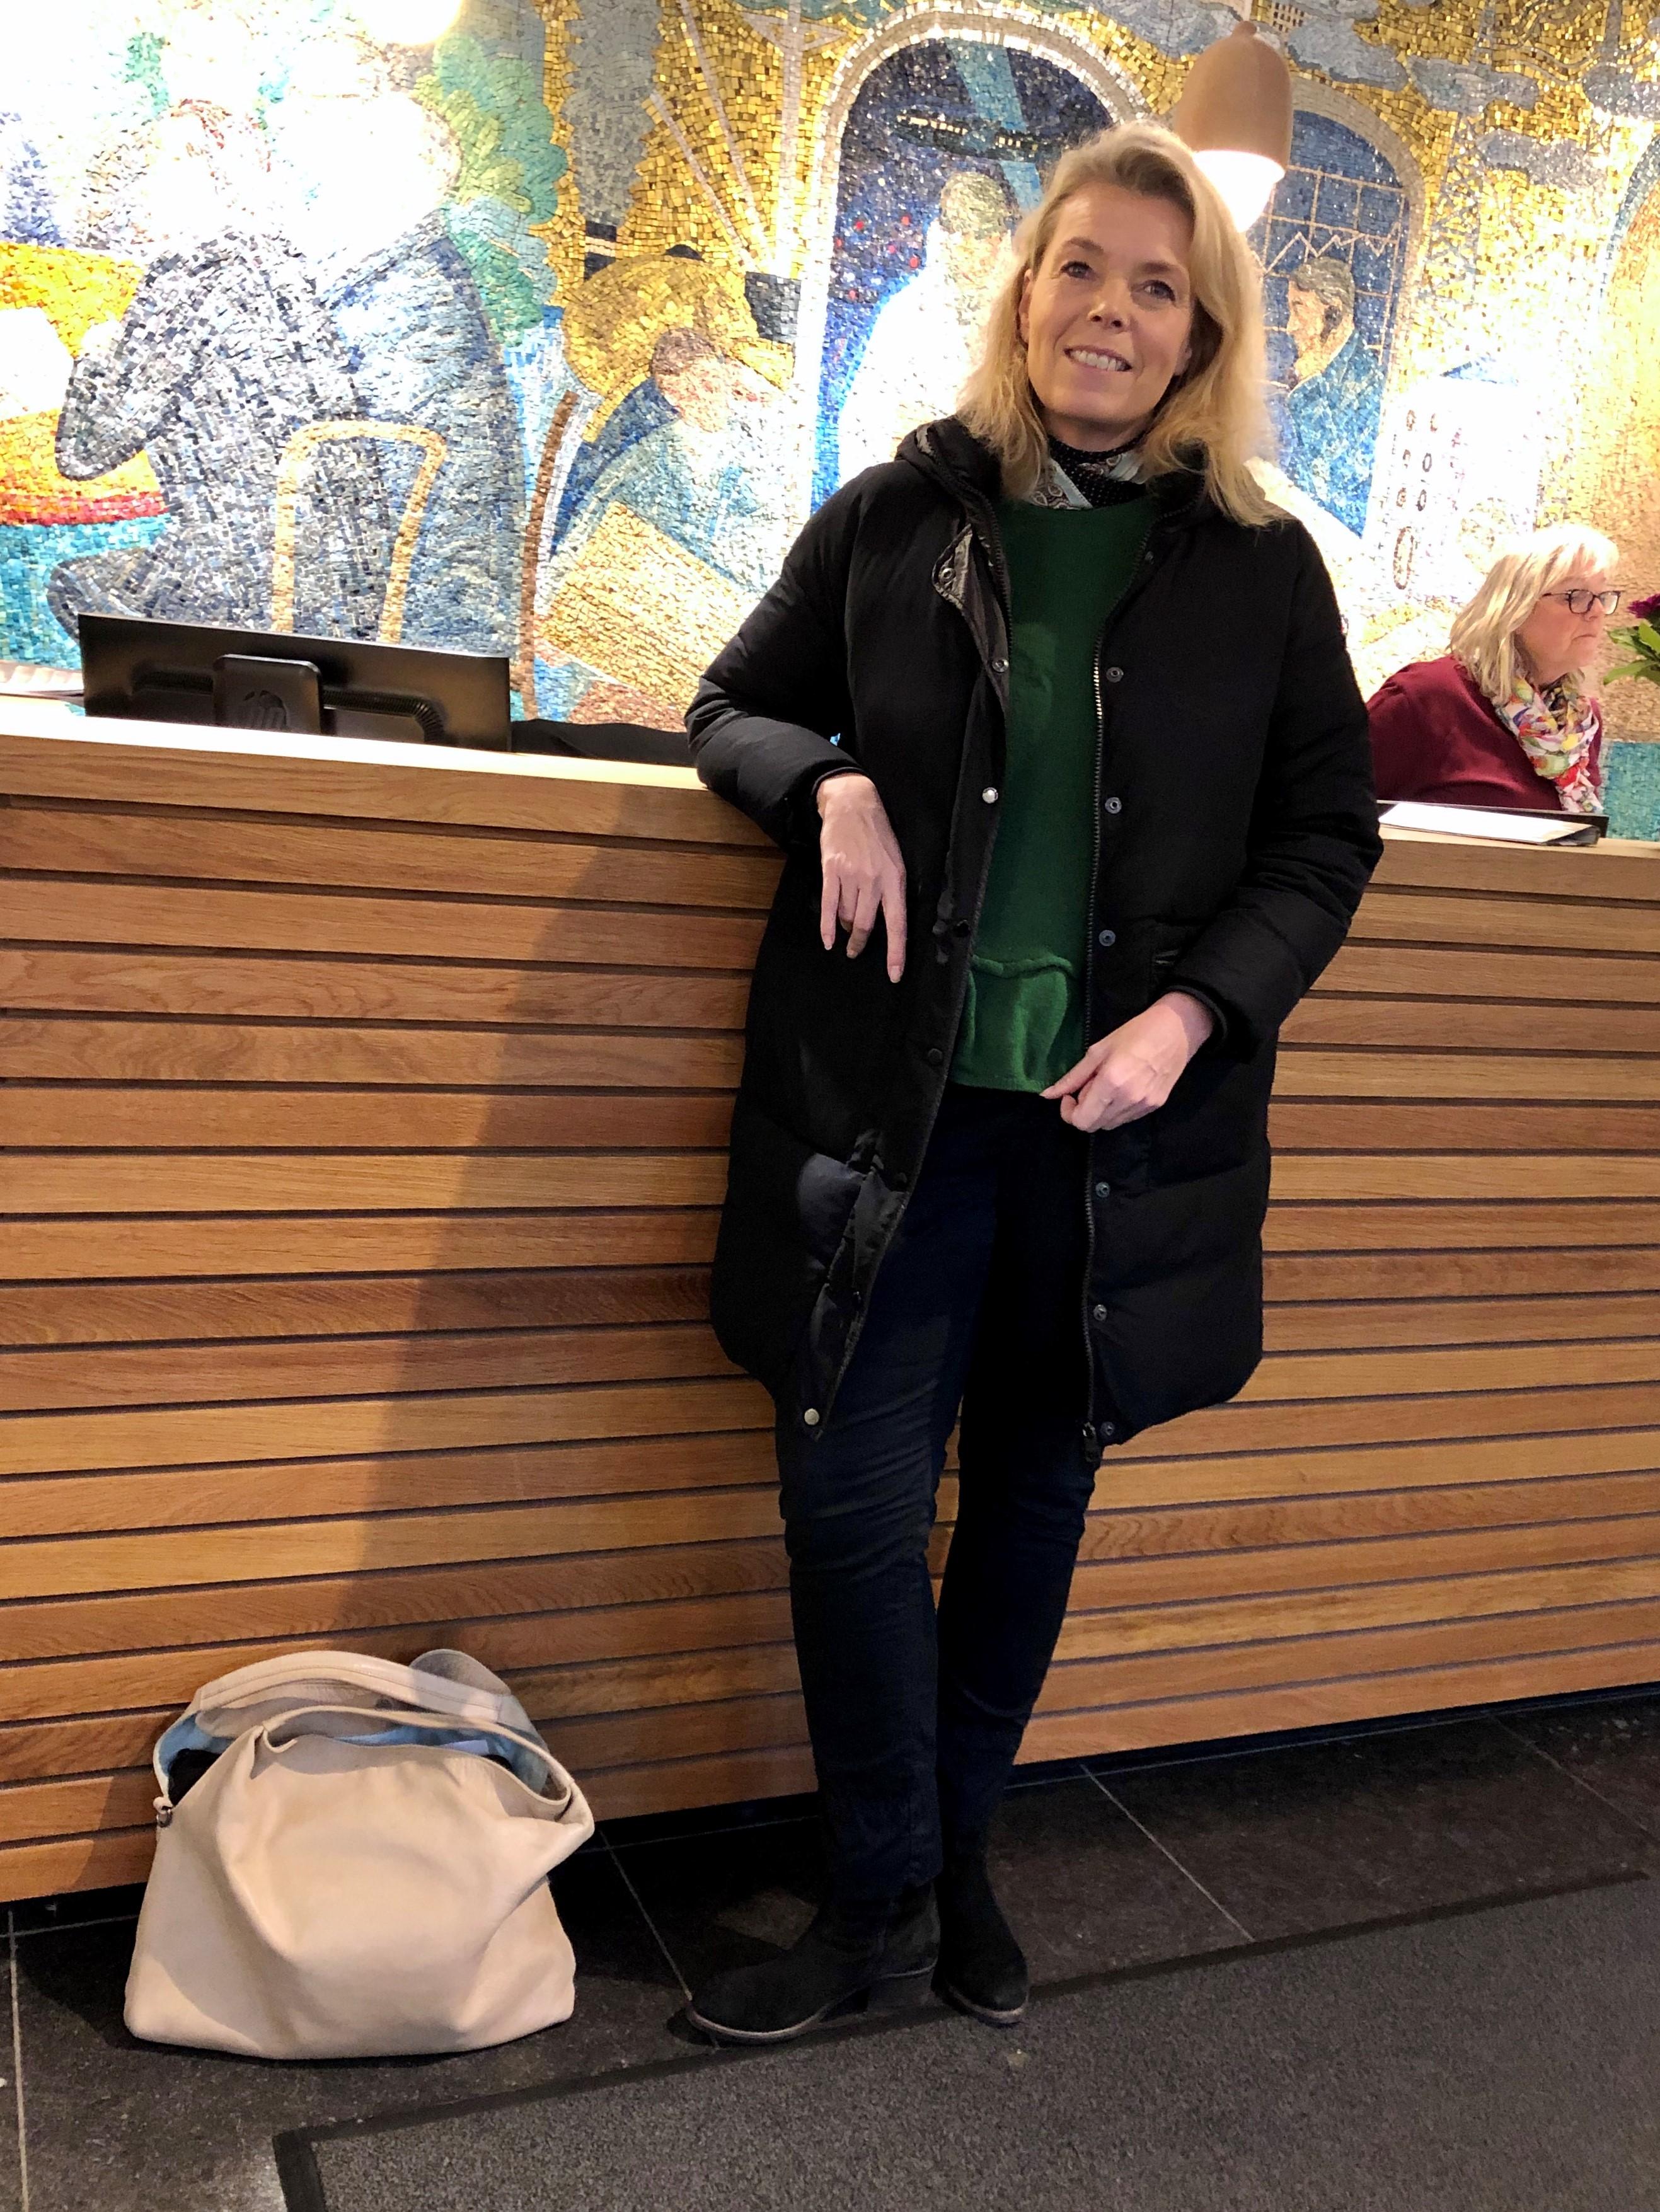 Malene Alexandrowiz ergoterapeut og underviser